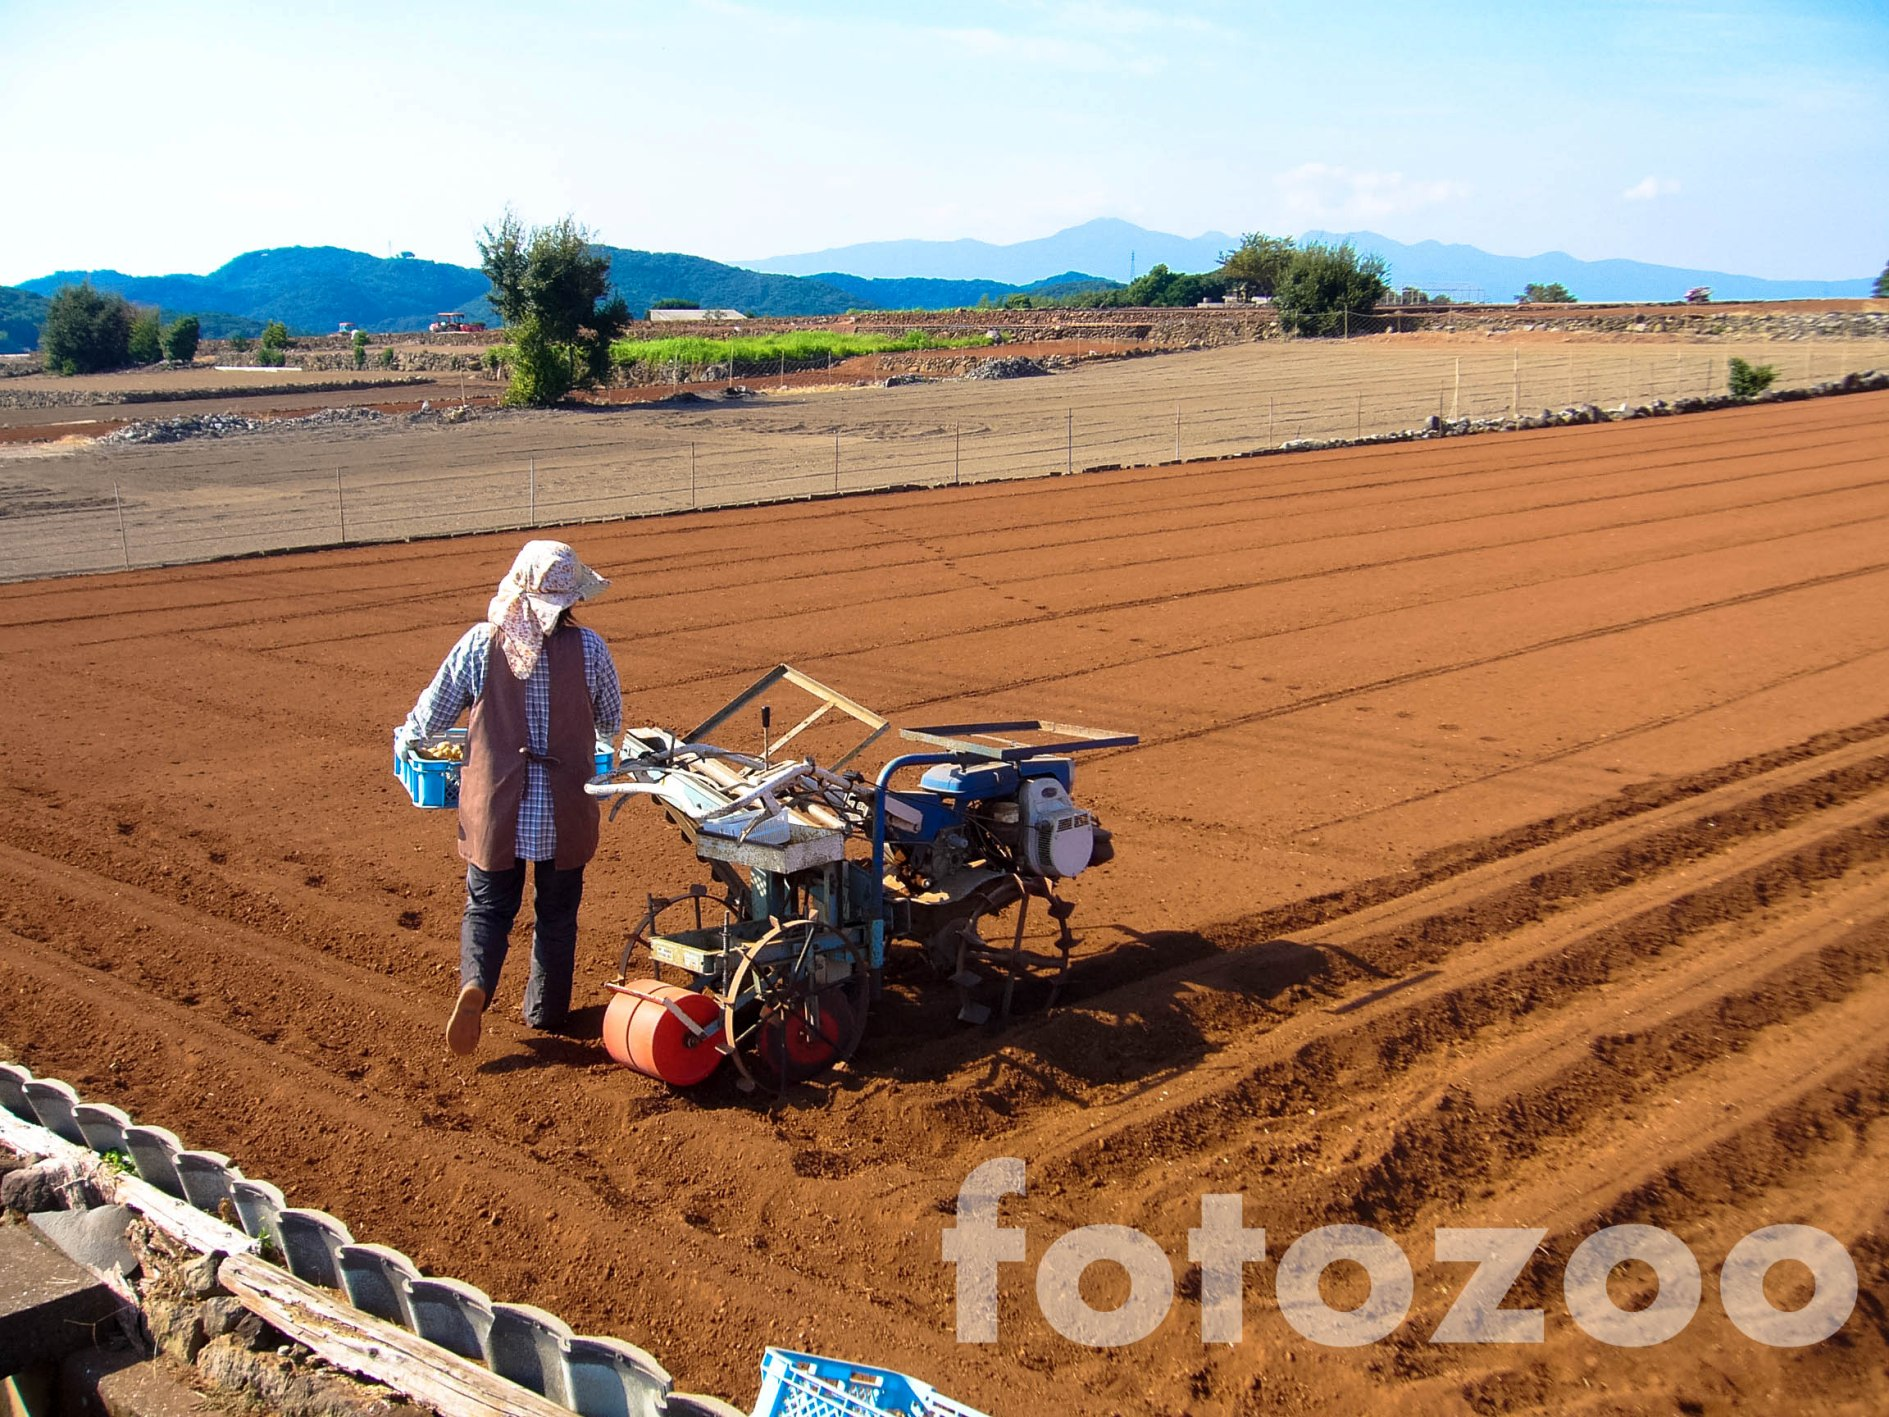 Az Unzen régió termékeny, vörös táptalaja. A high-tech országában is létezik kétkezi földművelés.